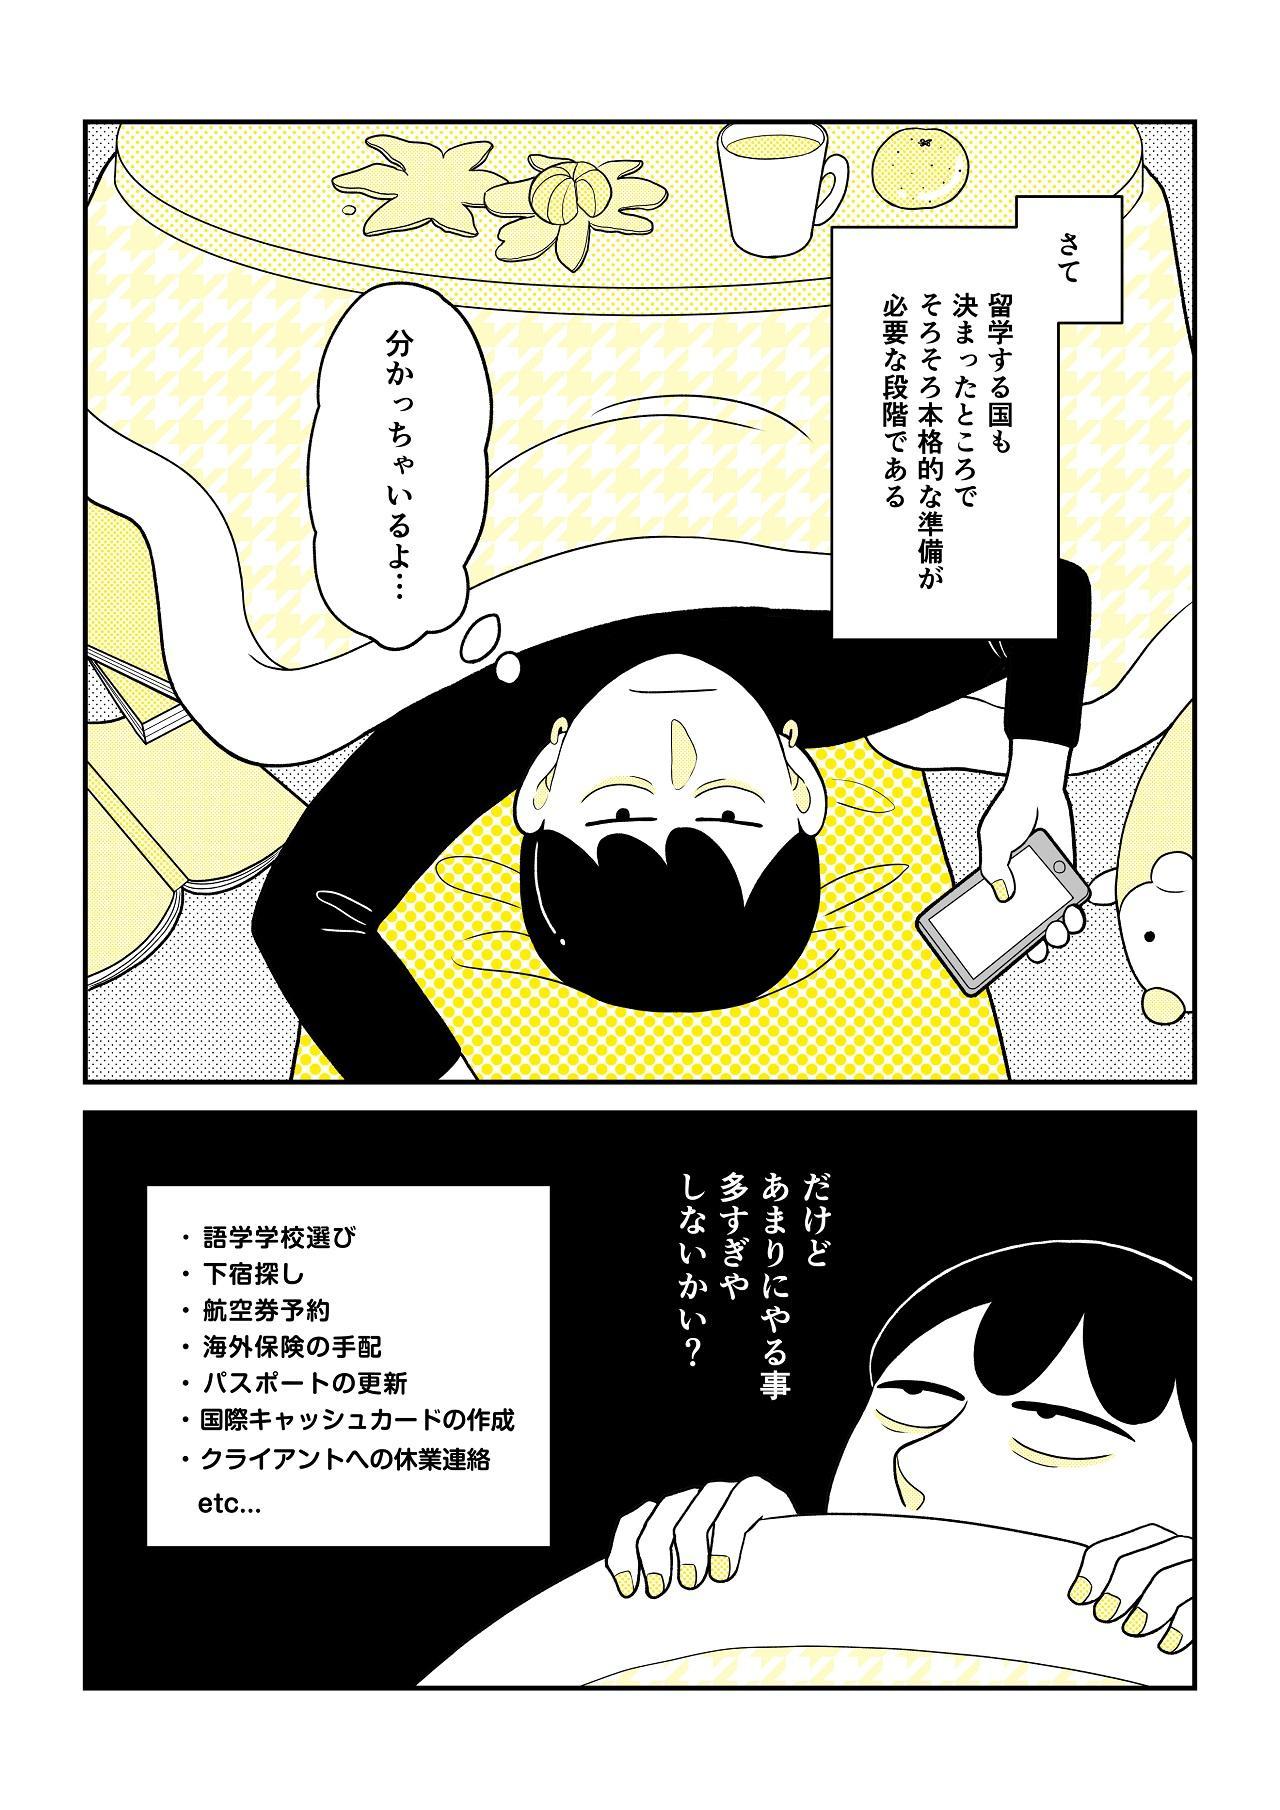 04_01_1280.jpg